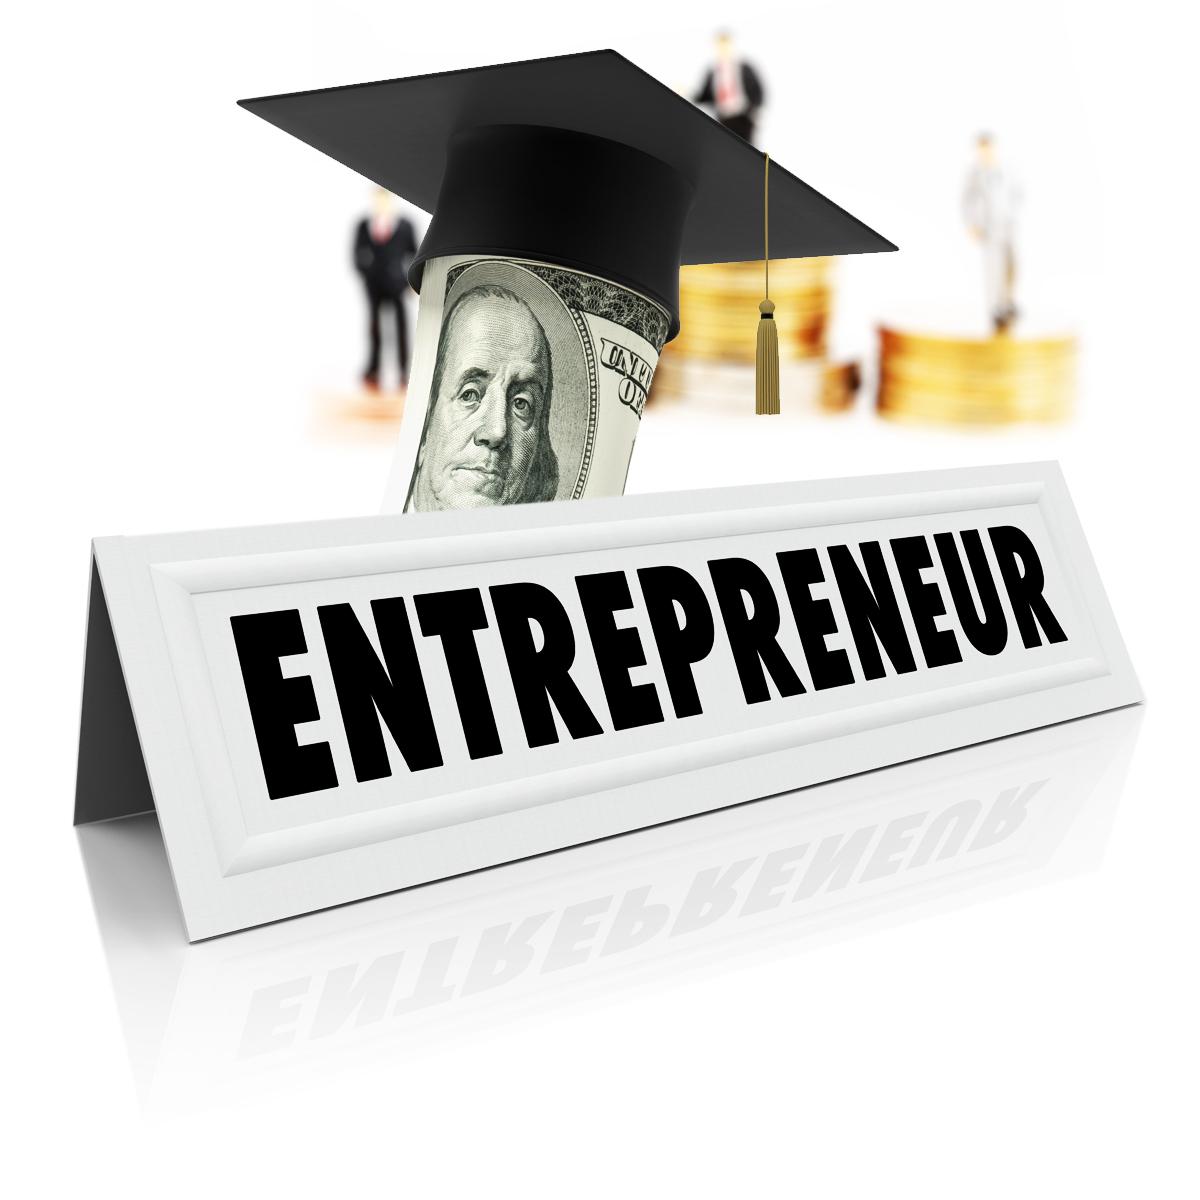 Entrepreneur-5